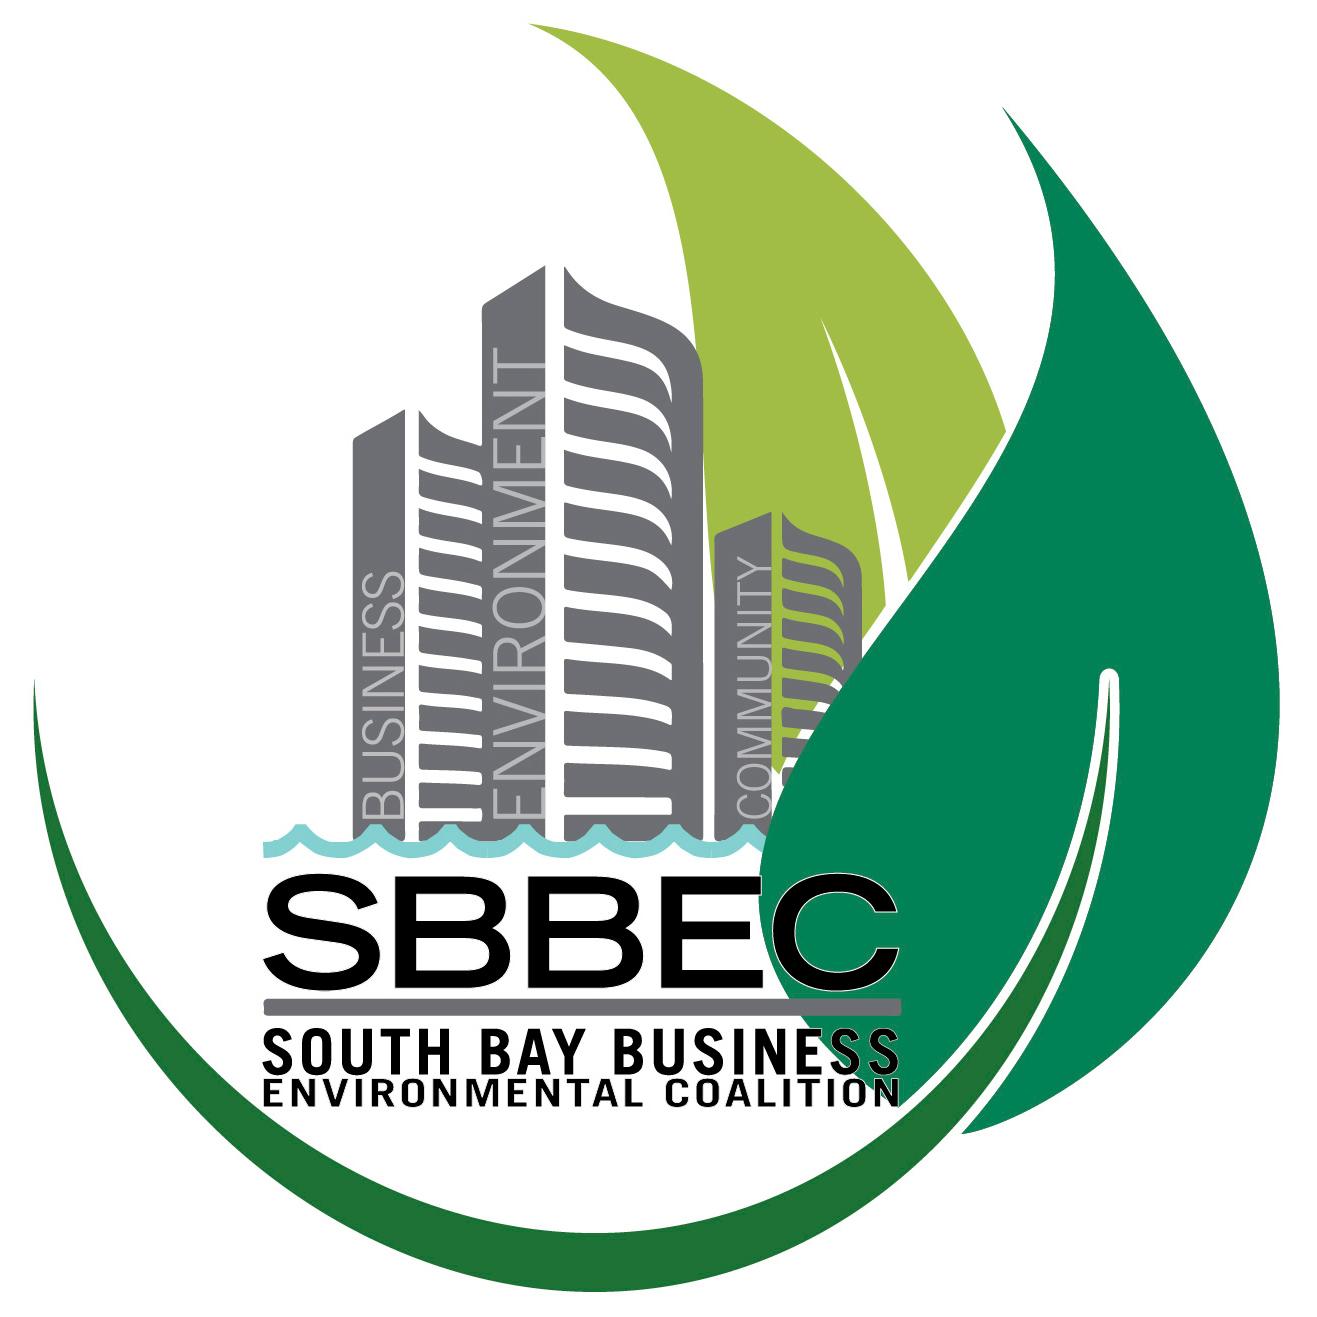 SBBEC_Logo.jpg